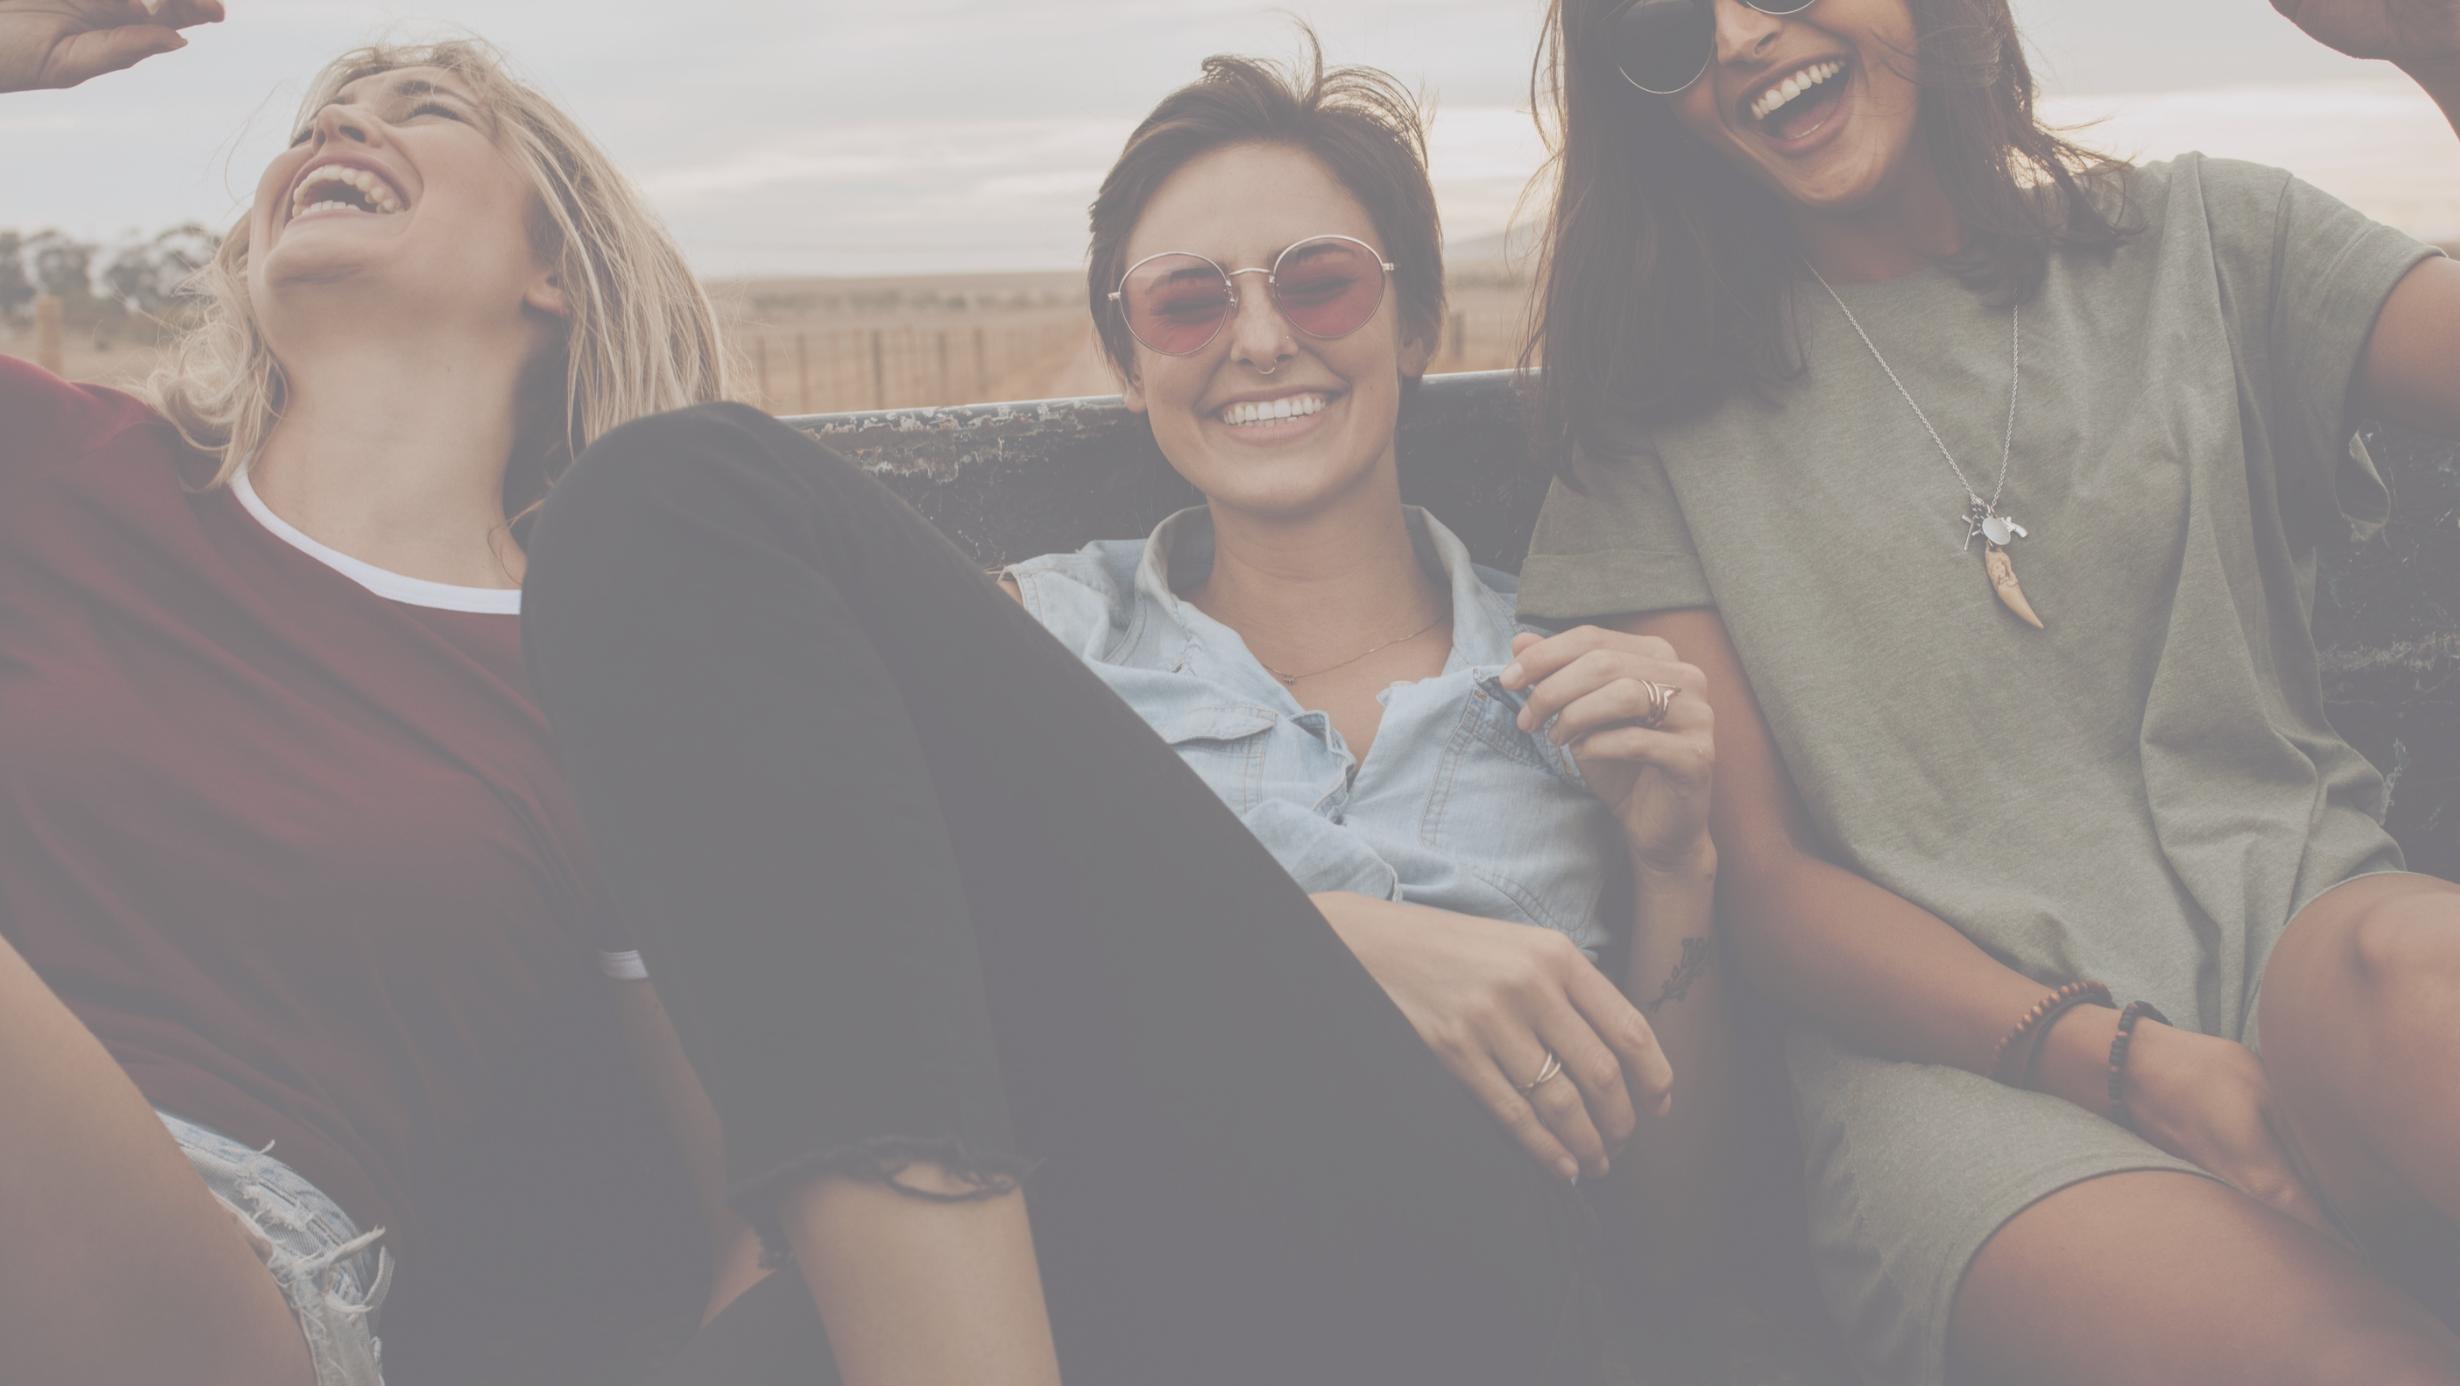 women background